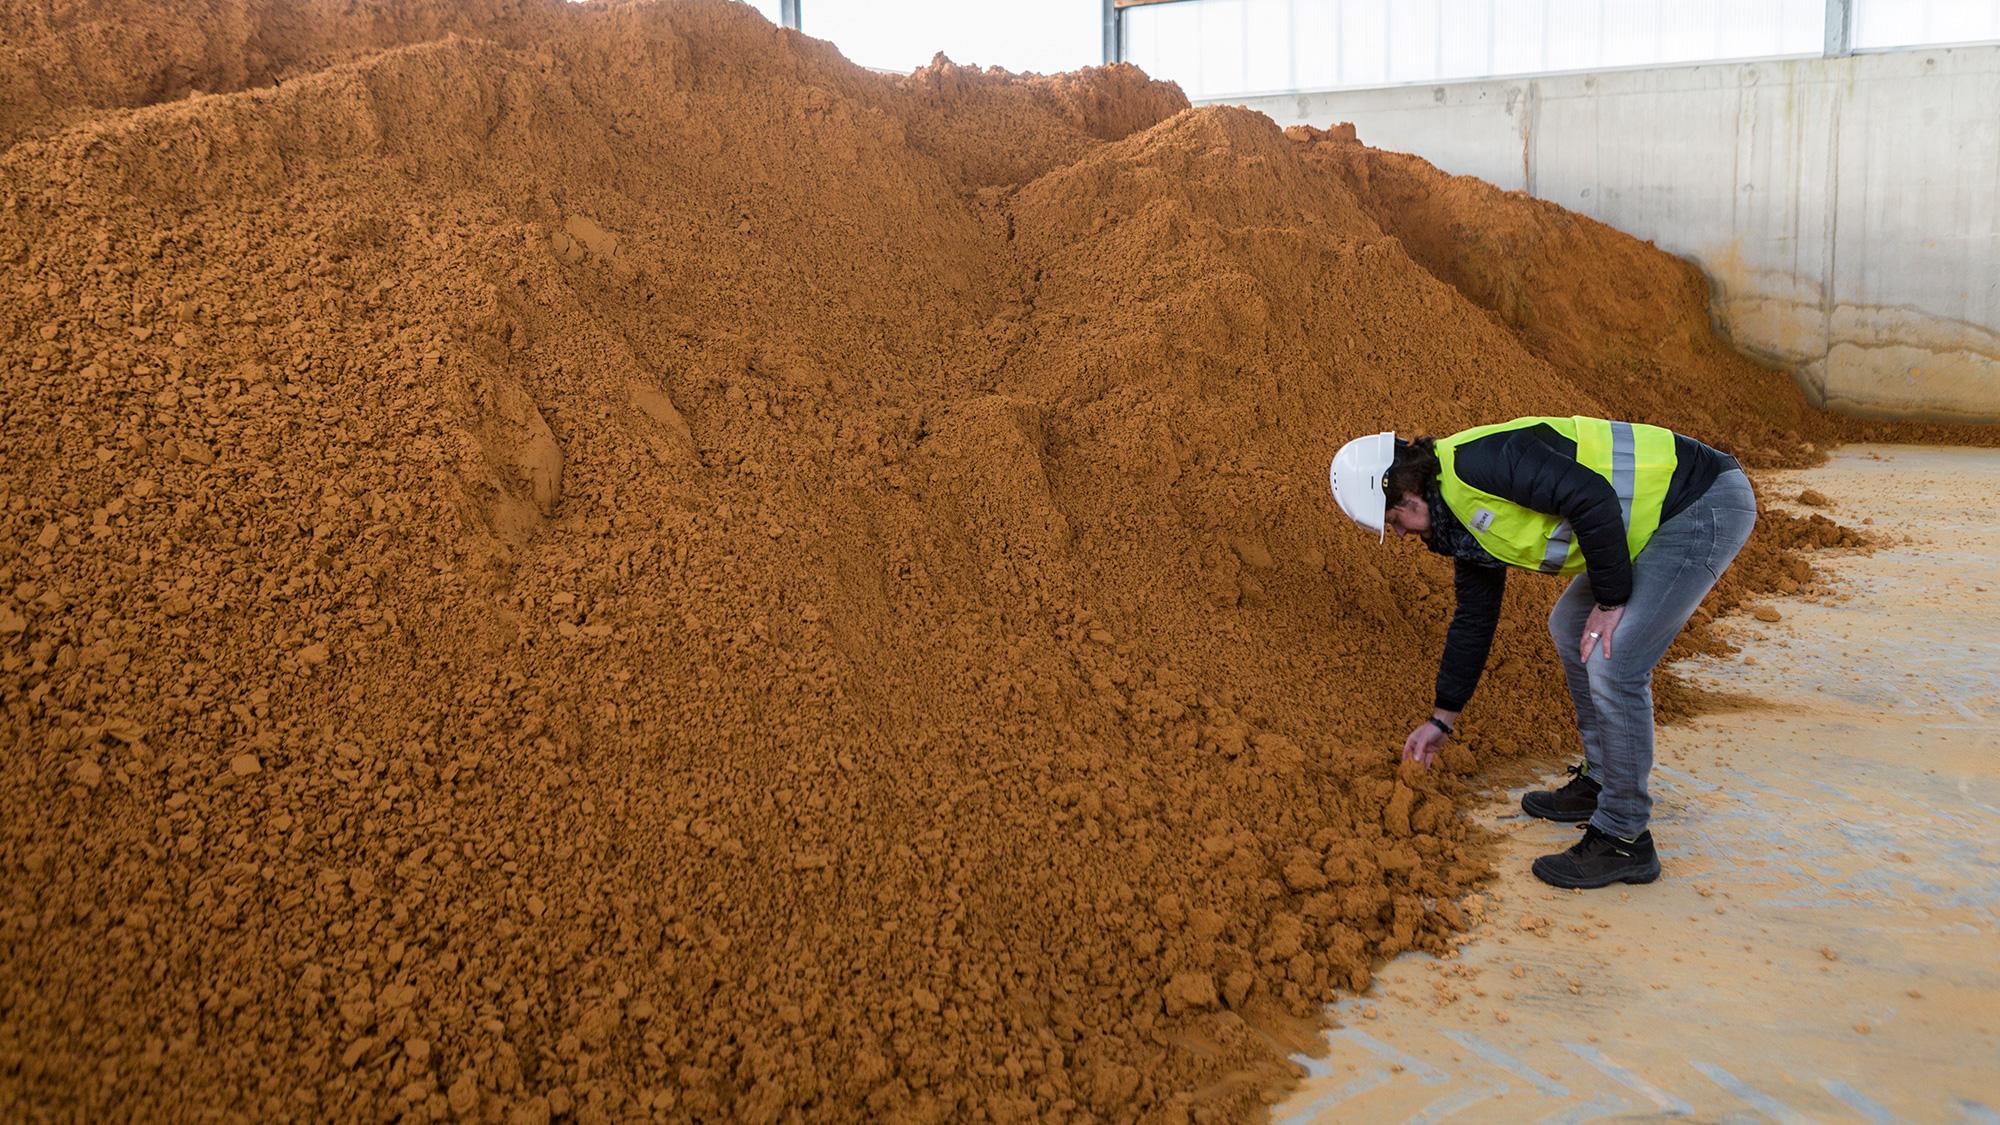 SUEZ employee inspecting stockpile of sludge